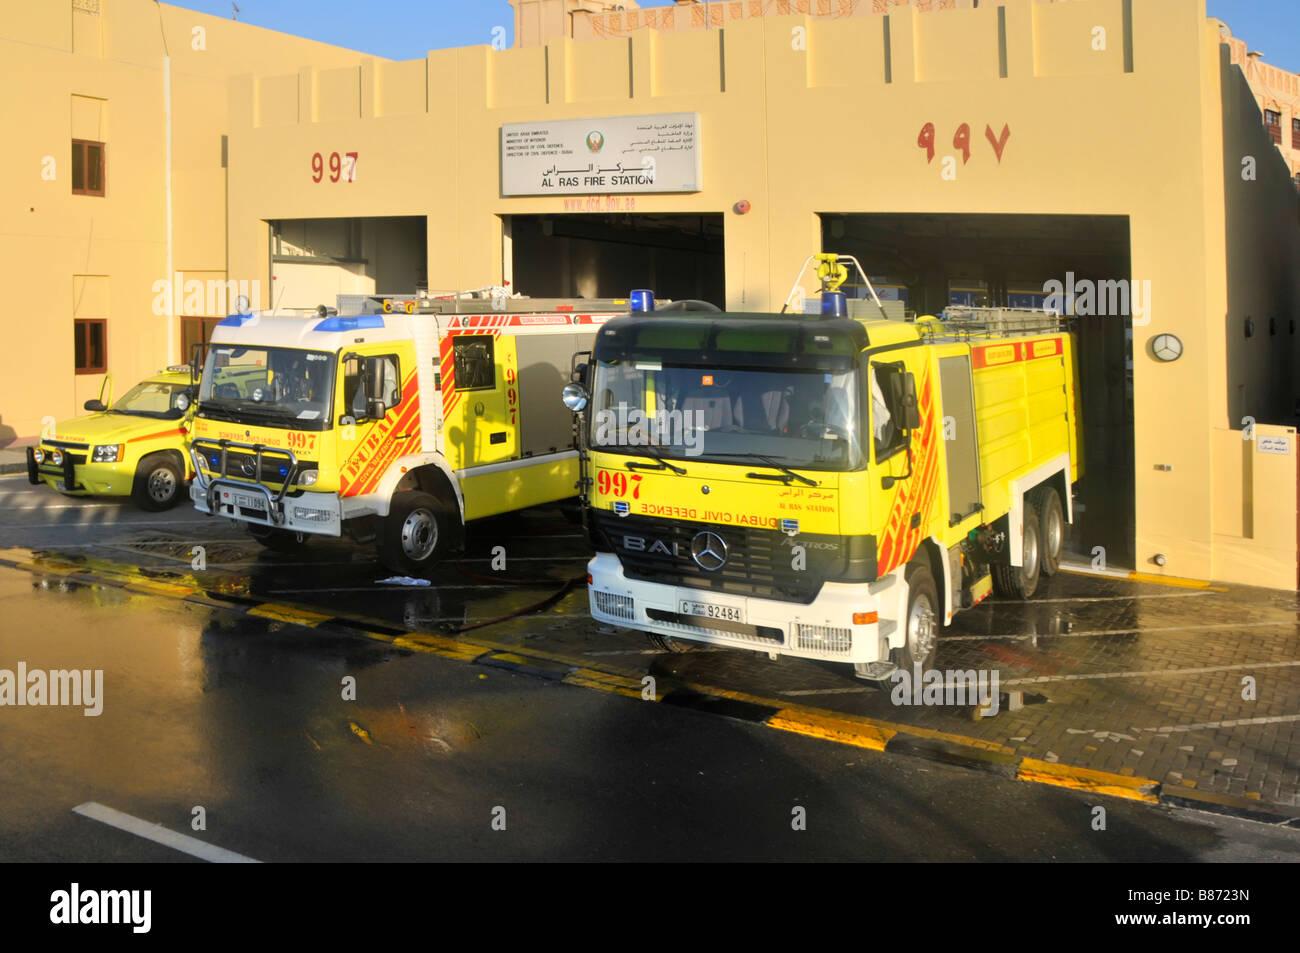 Dubai Al Ras Fire station with Civil Defence appliances